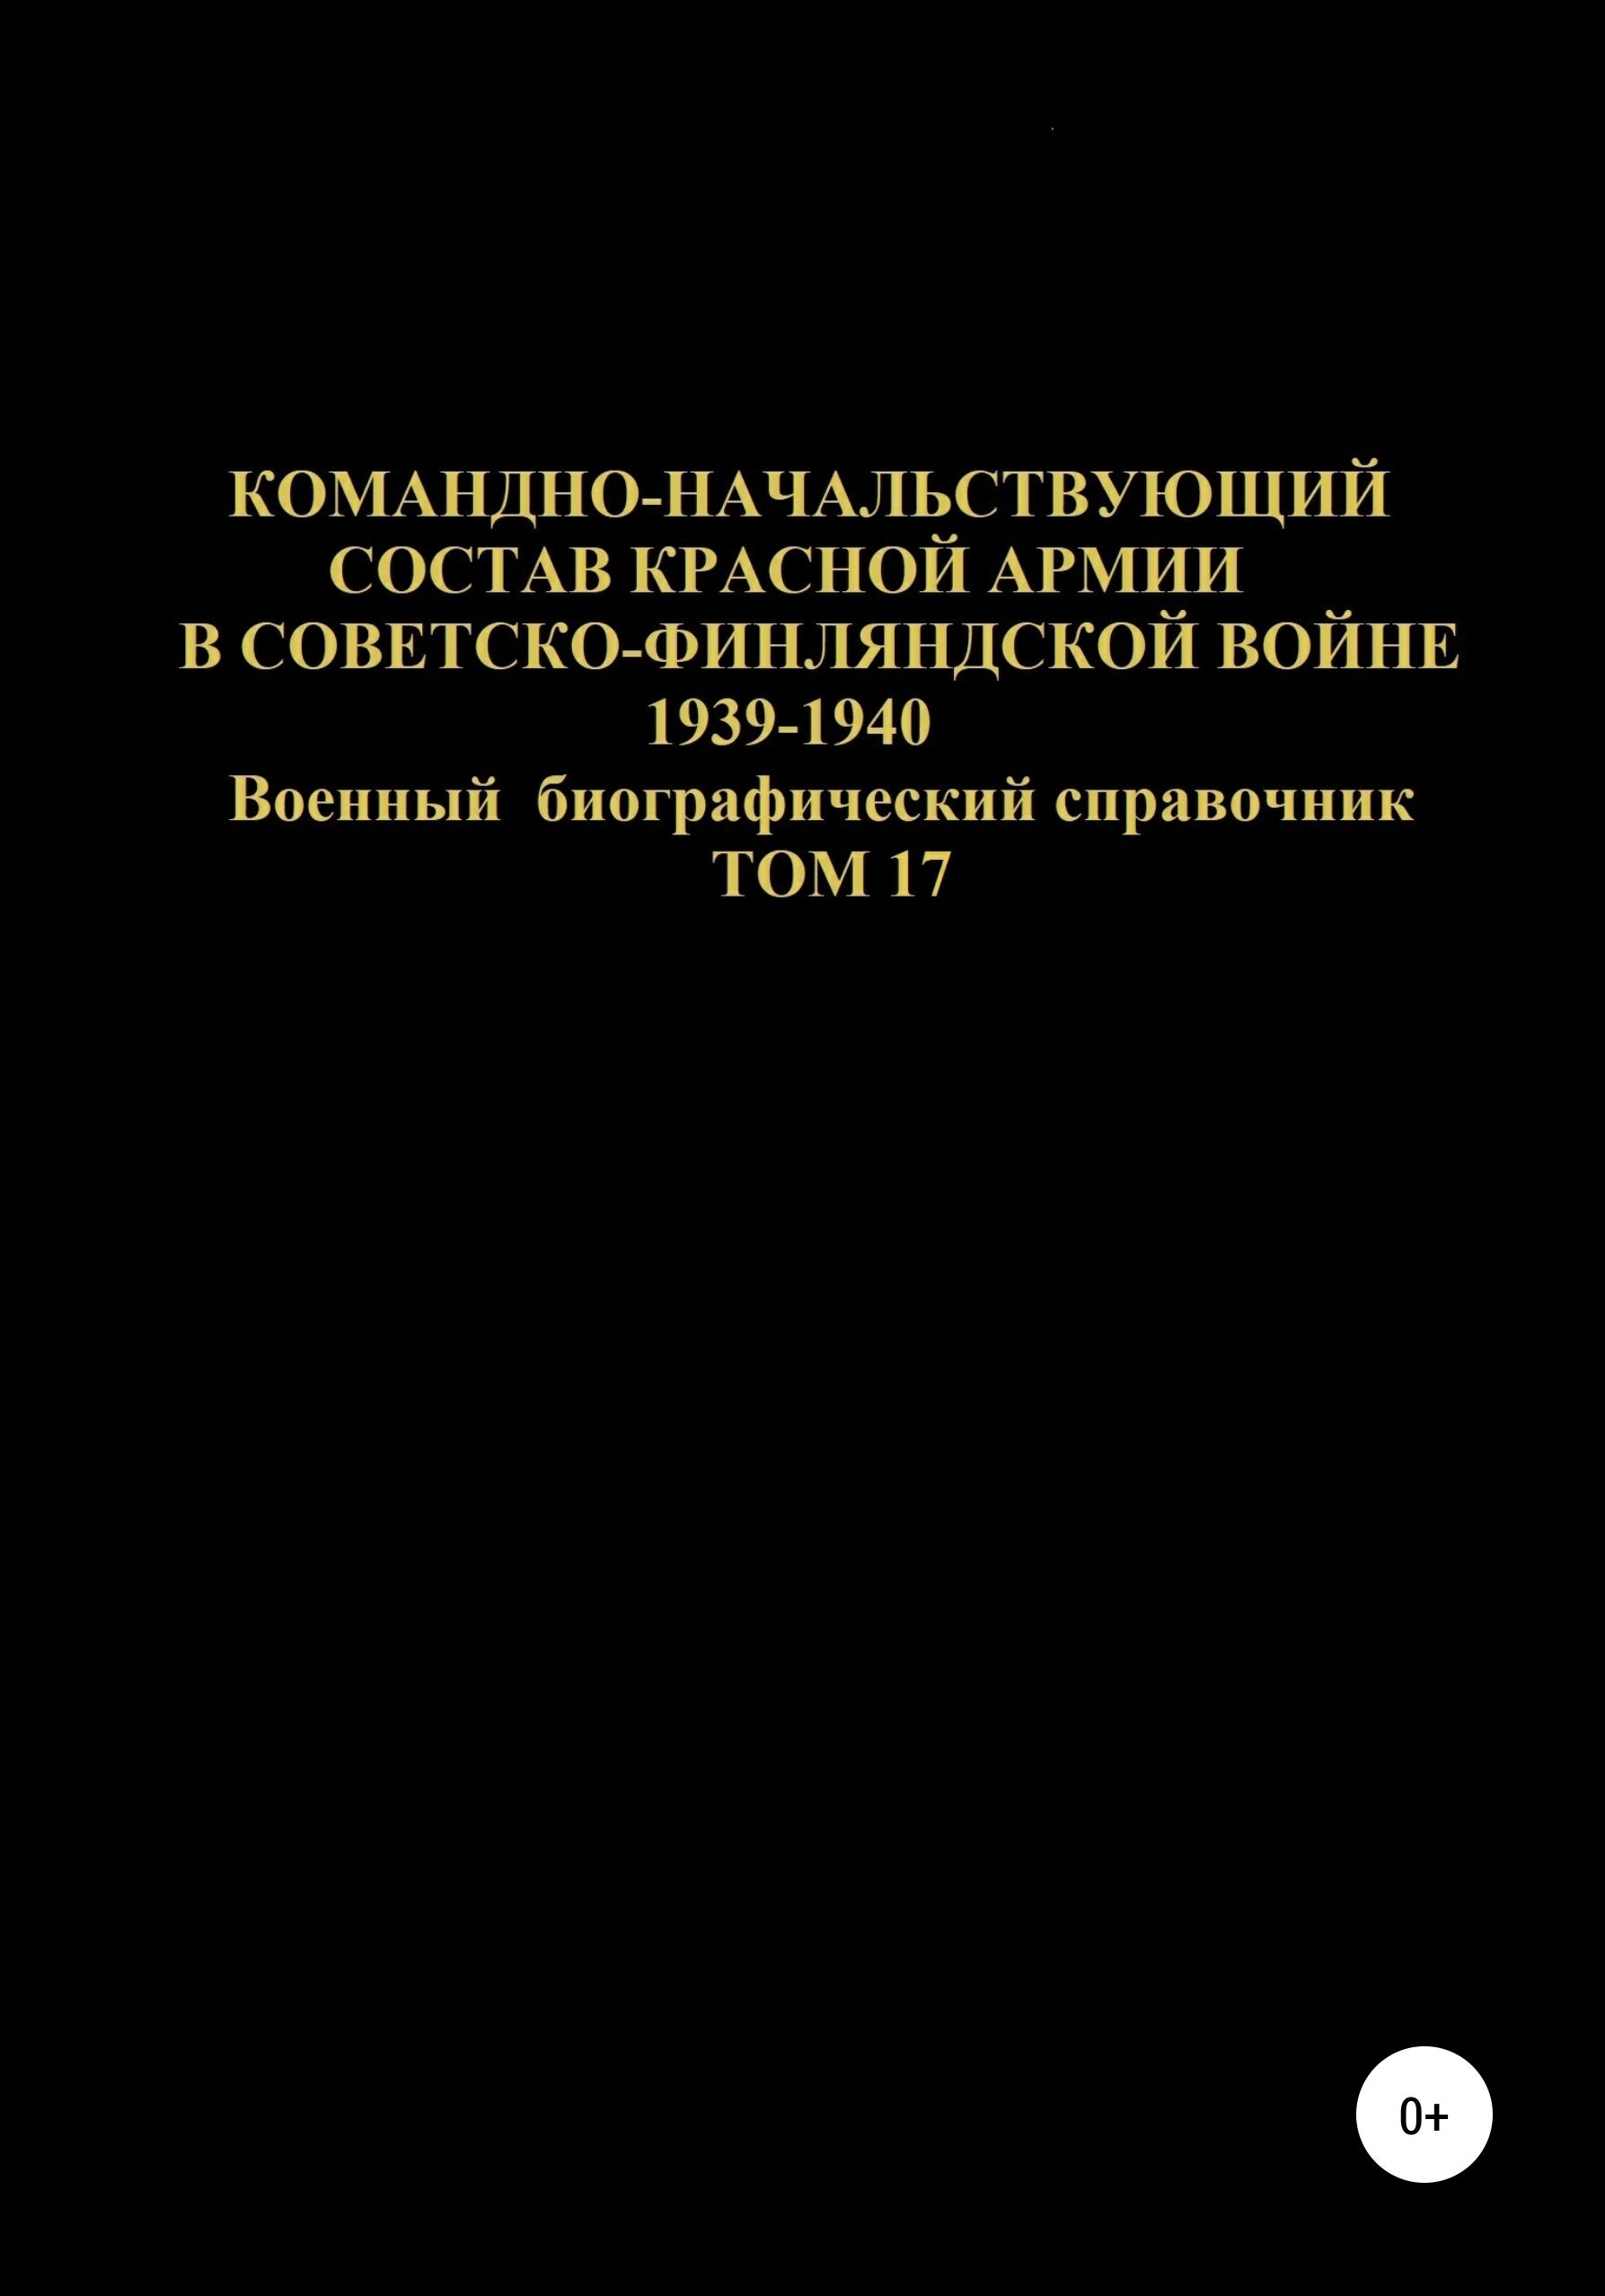 Командно-начальствующий состав Красной Армии в Советско-Финляндской войне 1939-1940 гг. Том 17